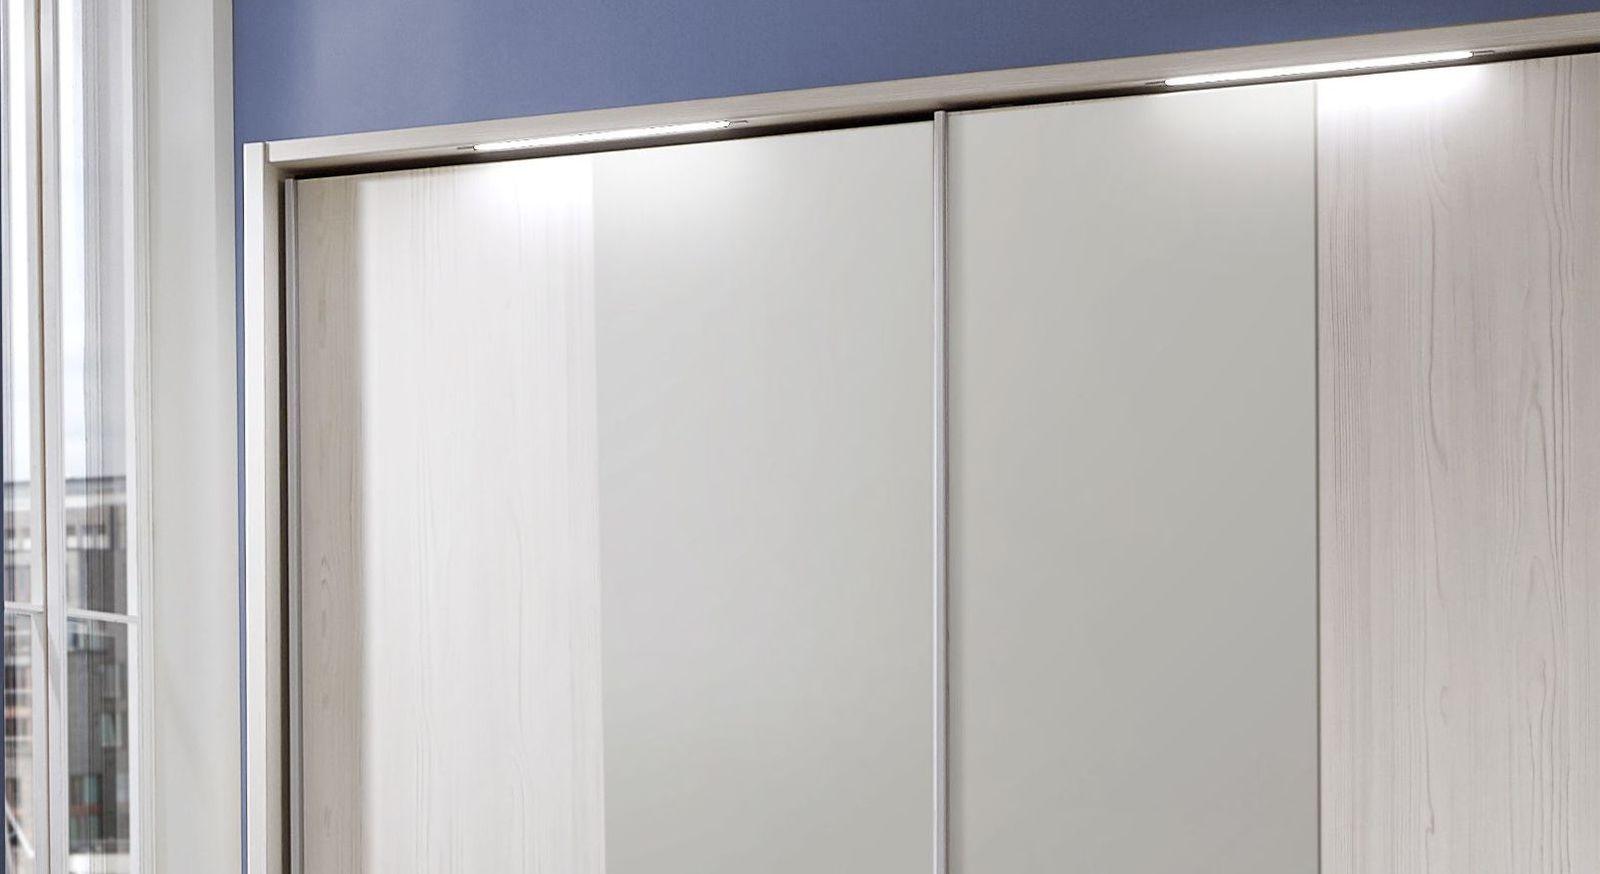 Spiegel-Kleiderschrank Apolda mit praktischer Beleuchtung